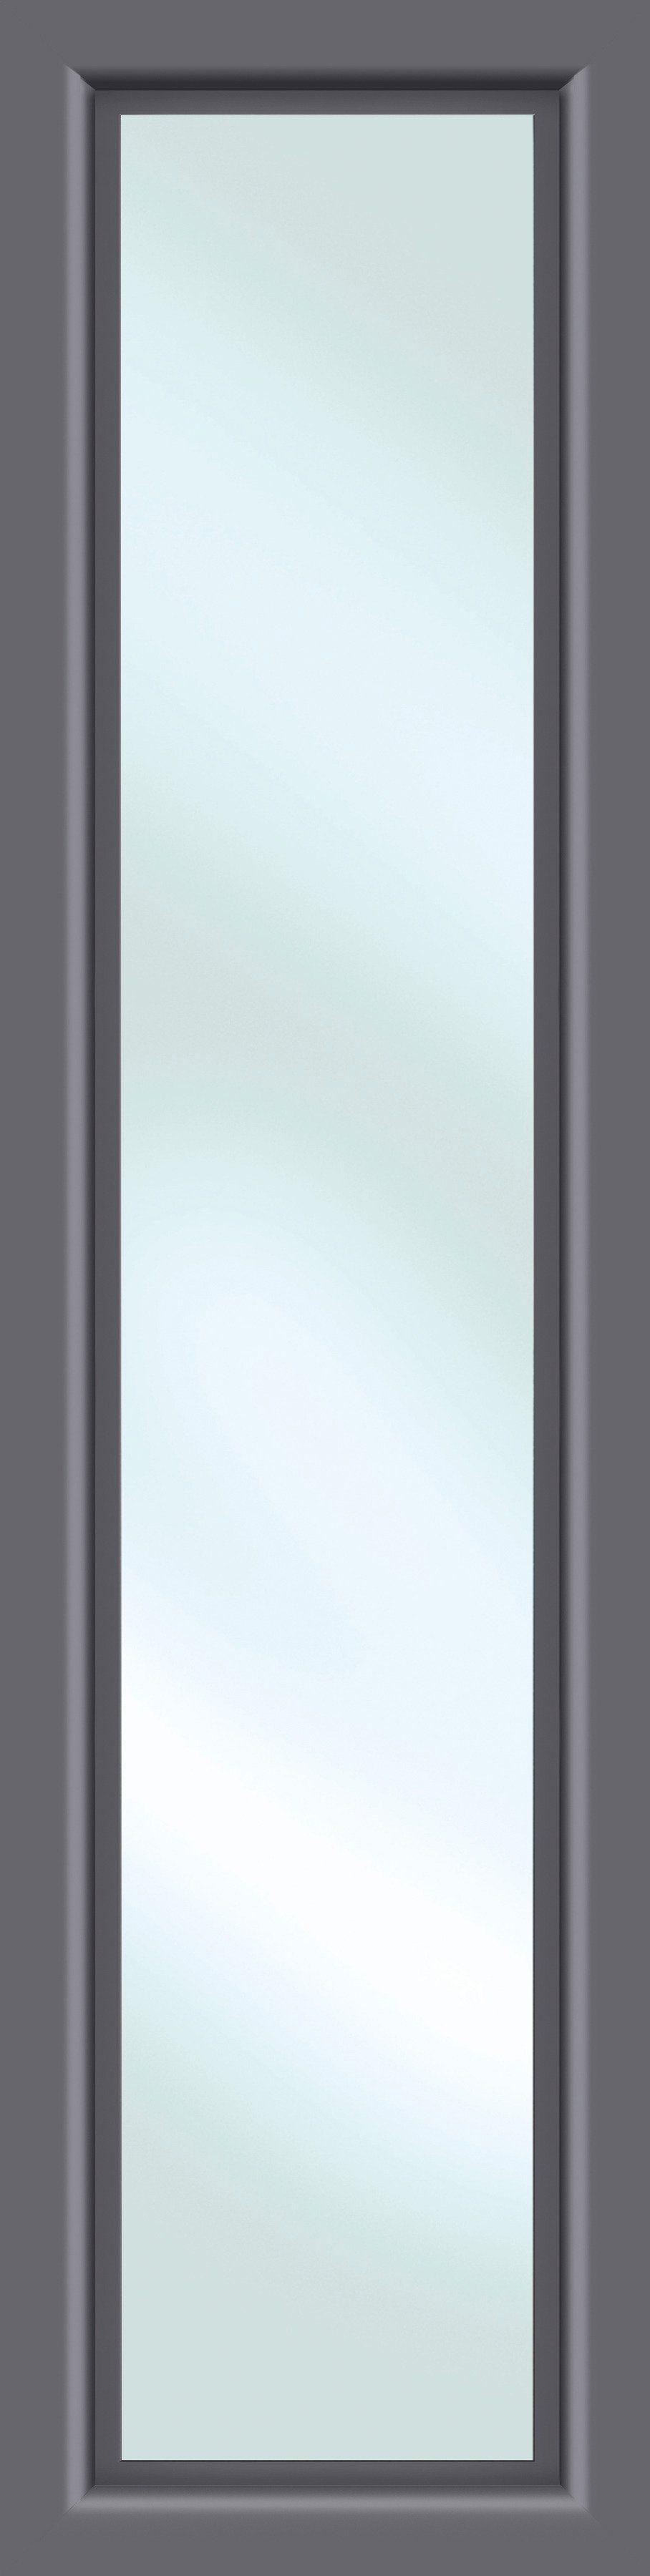 KM MEETH ZAUN GMBH Seitenteile »S01«, für Alu-Haustür, BxH: 60x198 cm, anthrazit